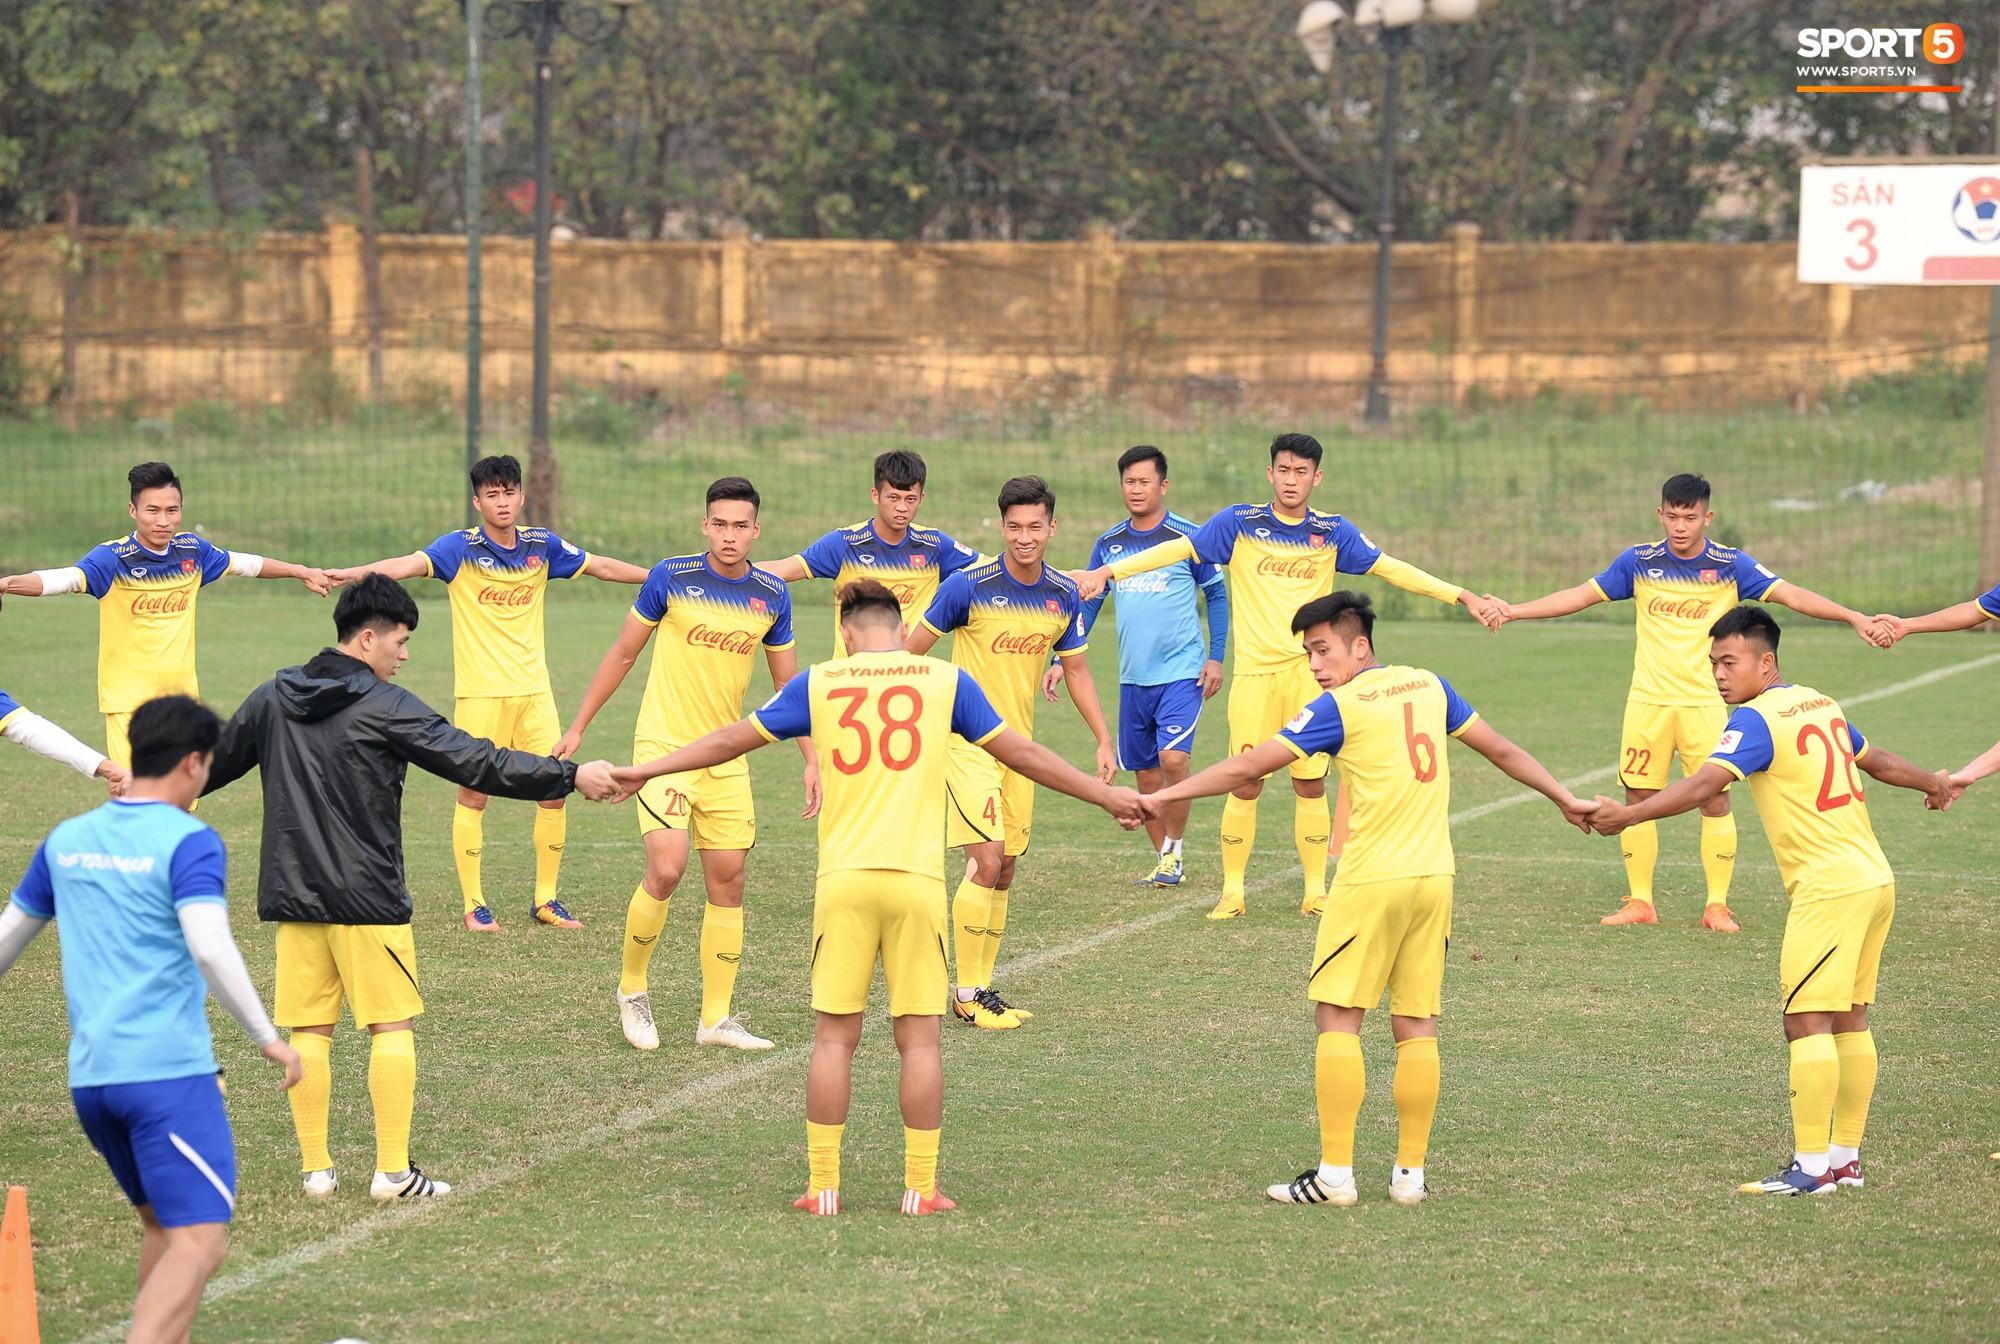 Đá ma mà cũng nắm chặt tay nhau thế này, bảo sao tuyển U23 Việt Nam luôn đoàn kết - Ảnh 2.